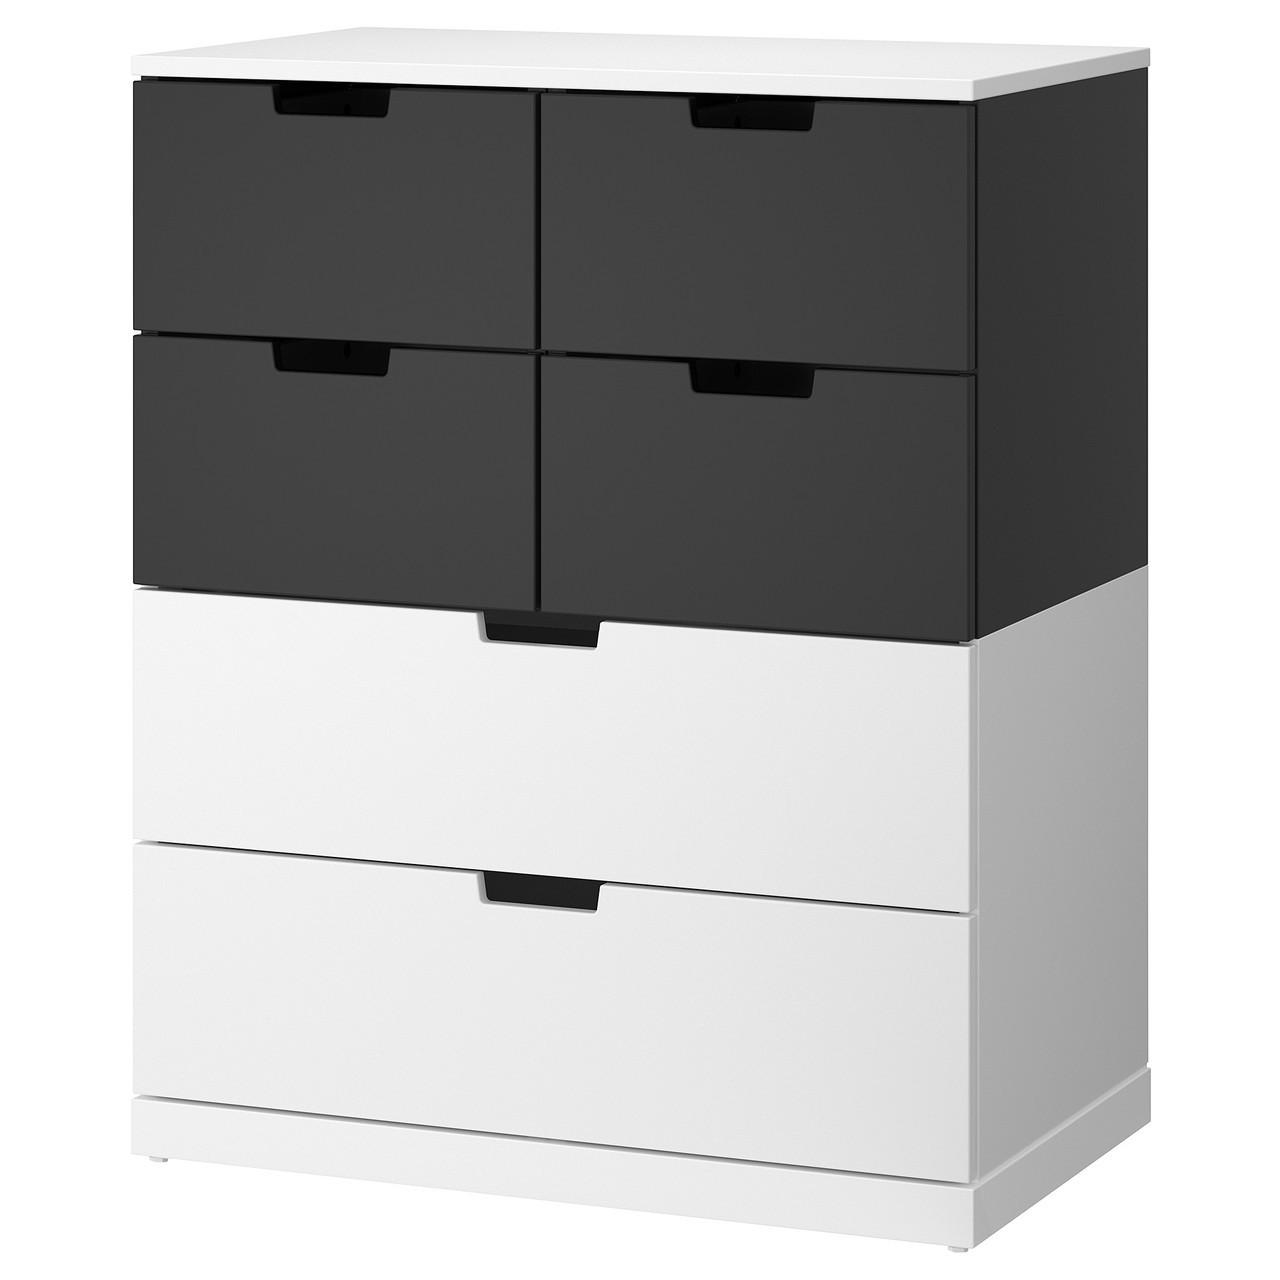 Купить IKEA NORDLI (592.117.60) Комод, 6 ящиков, белый, антрацит